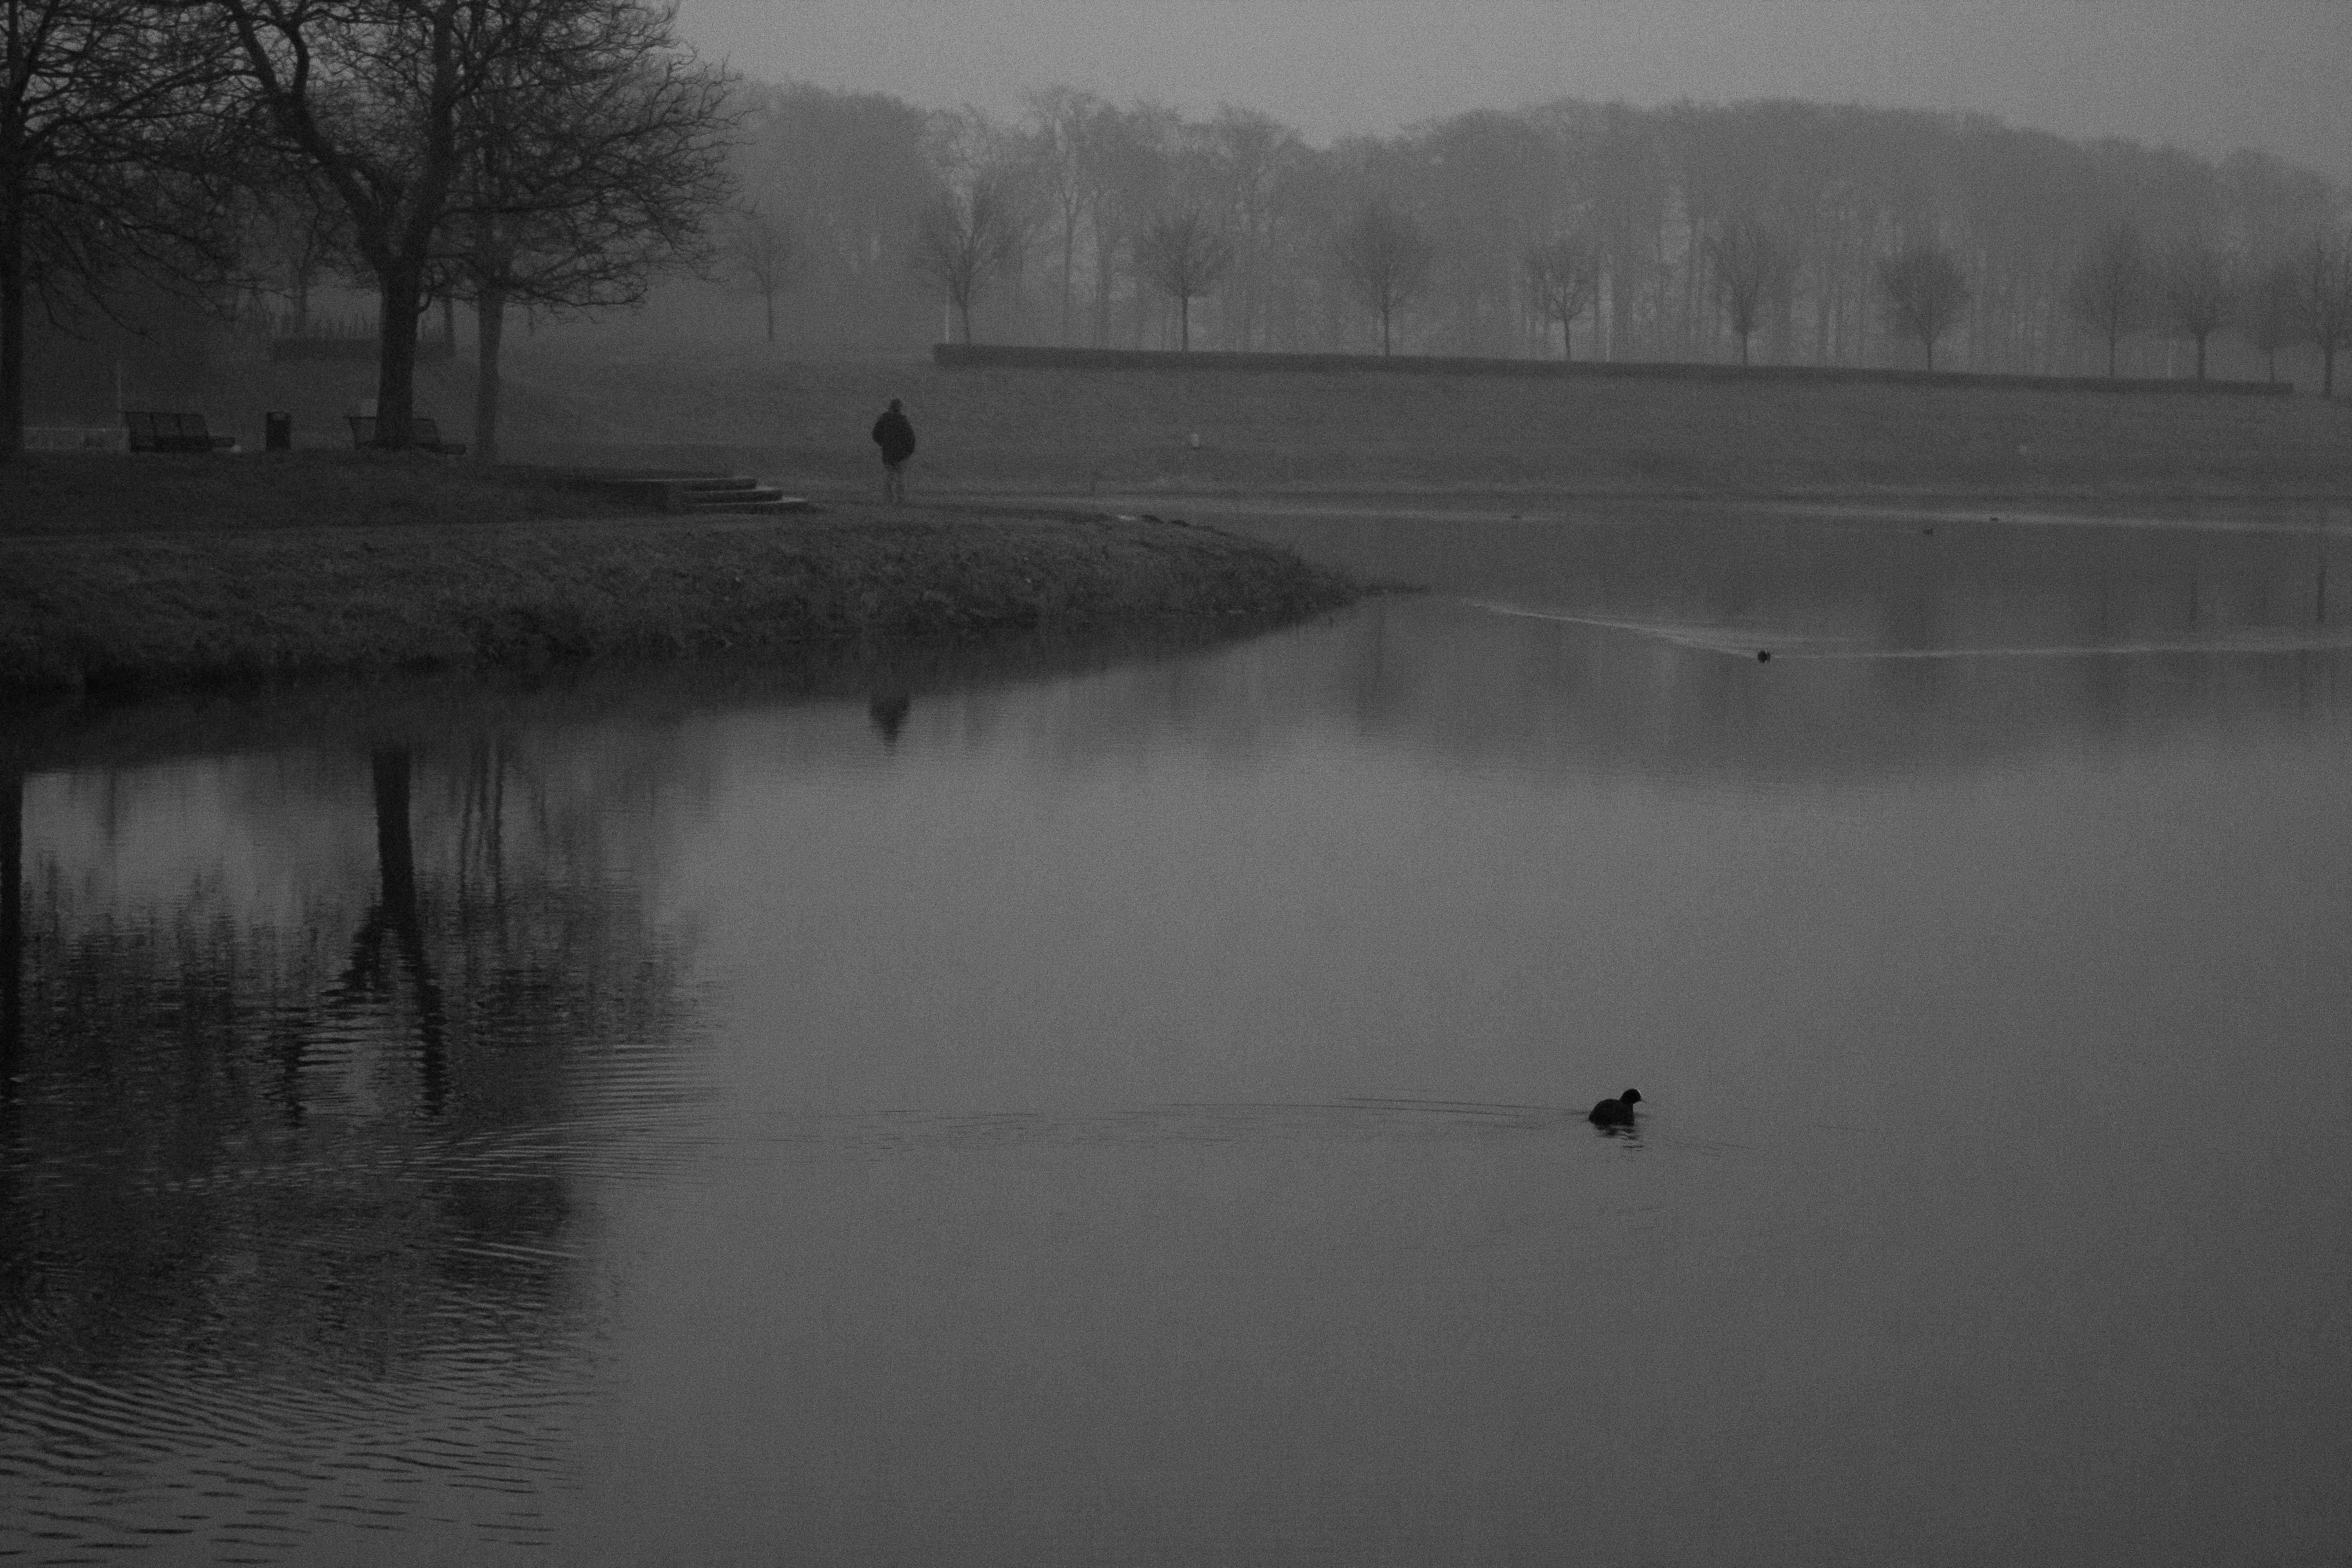 Kanal in winter, Henrichenburg, Germany  Deutschland, Germany, Kanal, Black and White, Grey, Ruhrgebiet, Castrop-Rauxel